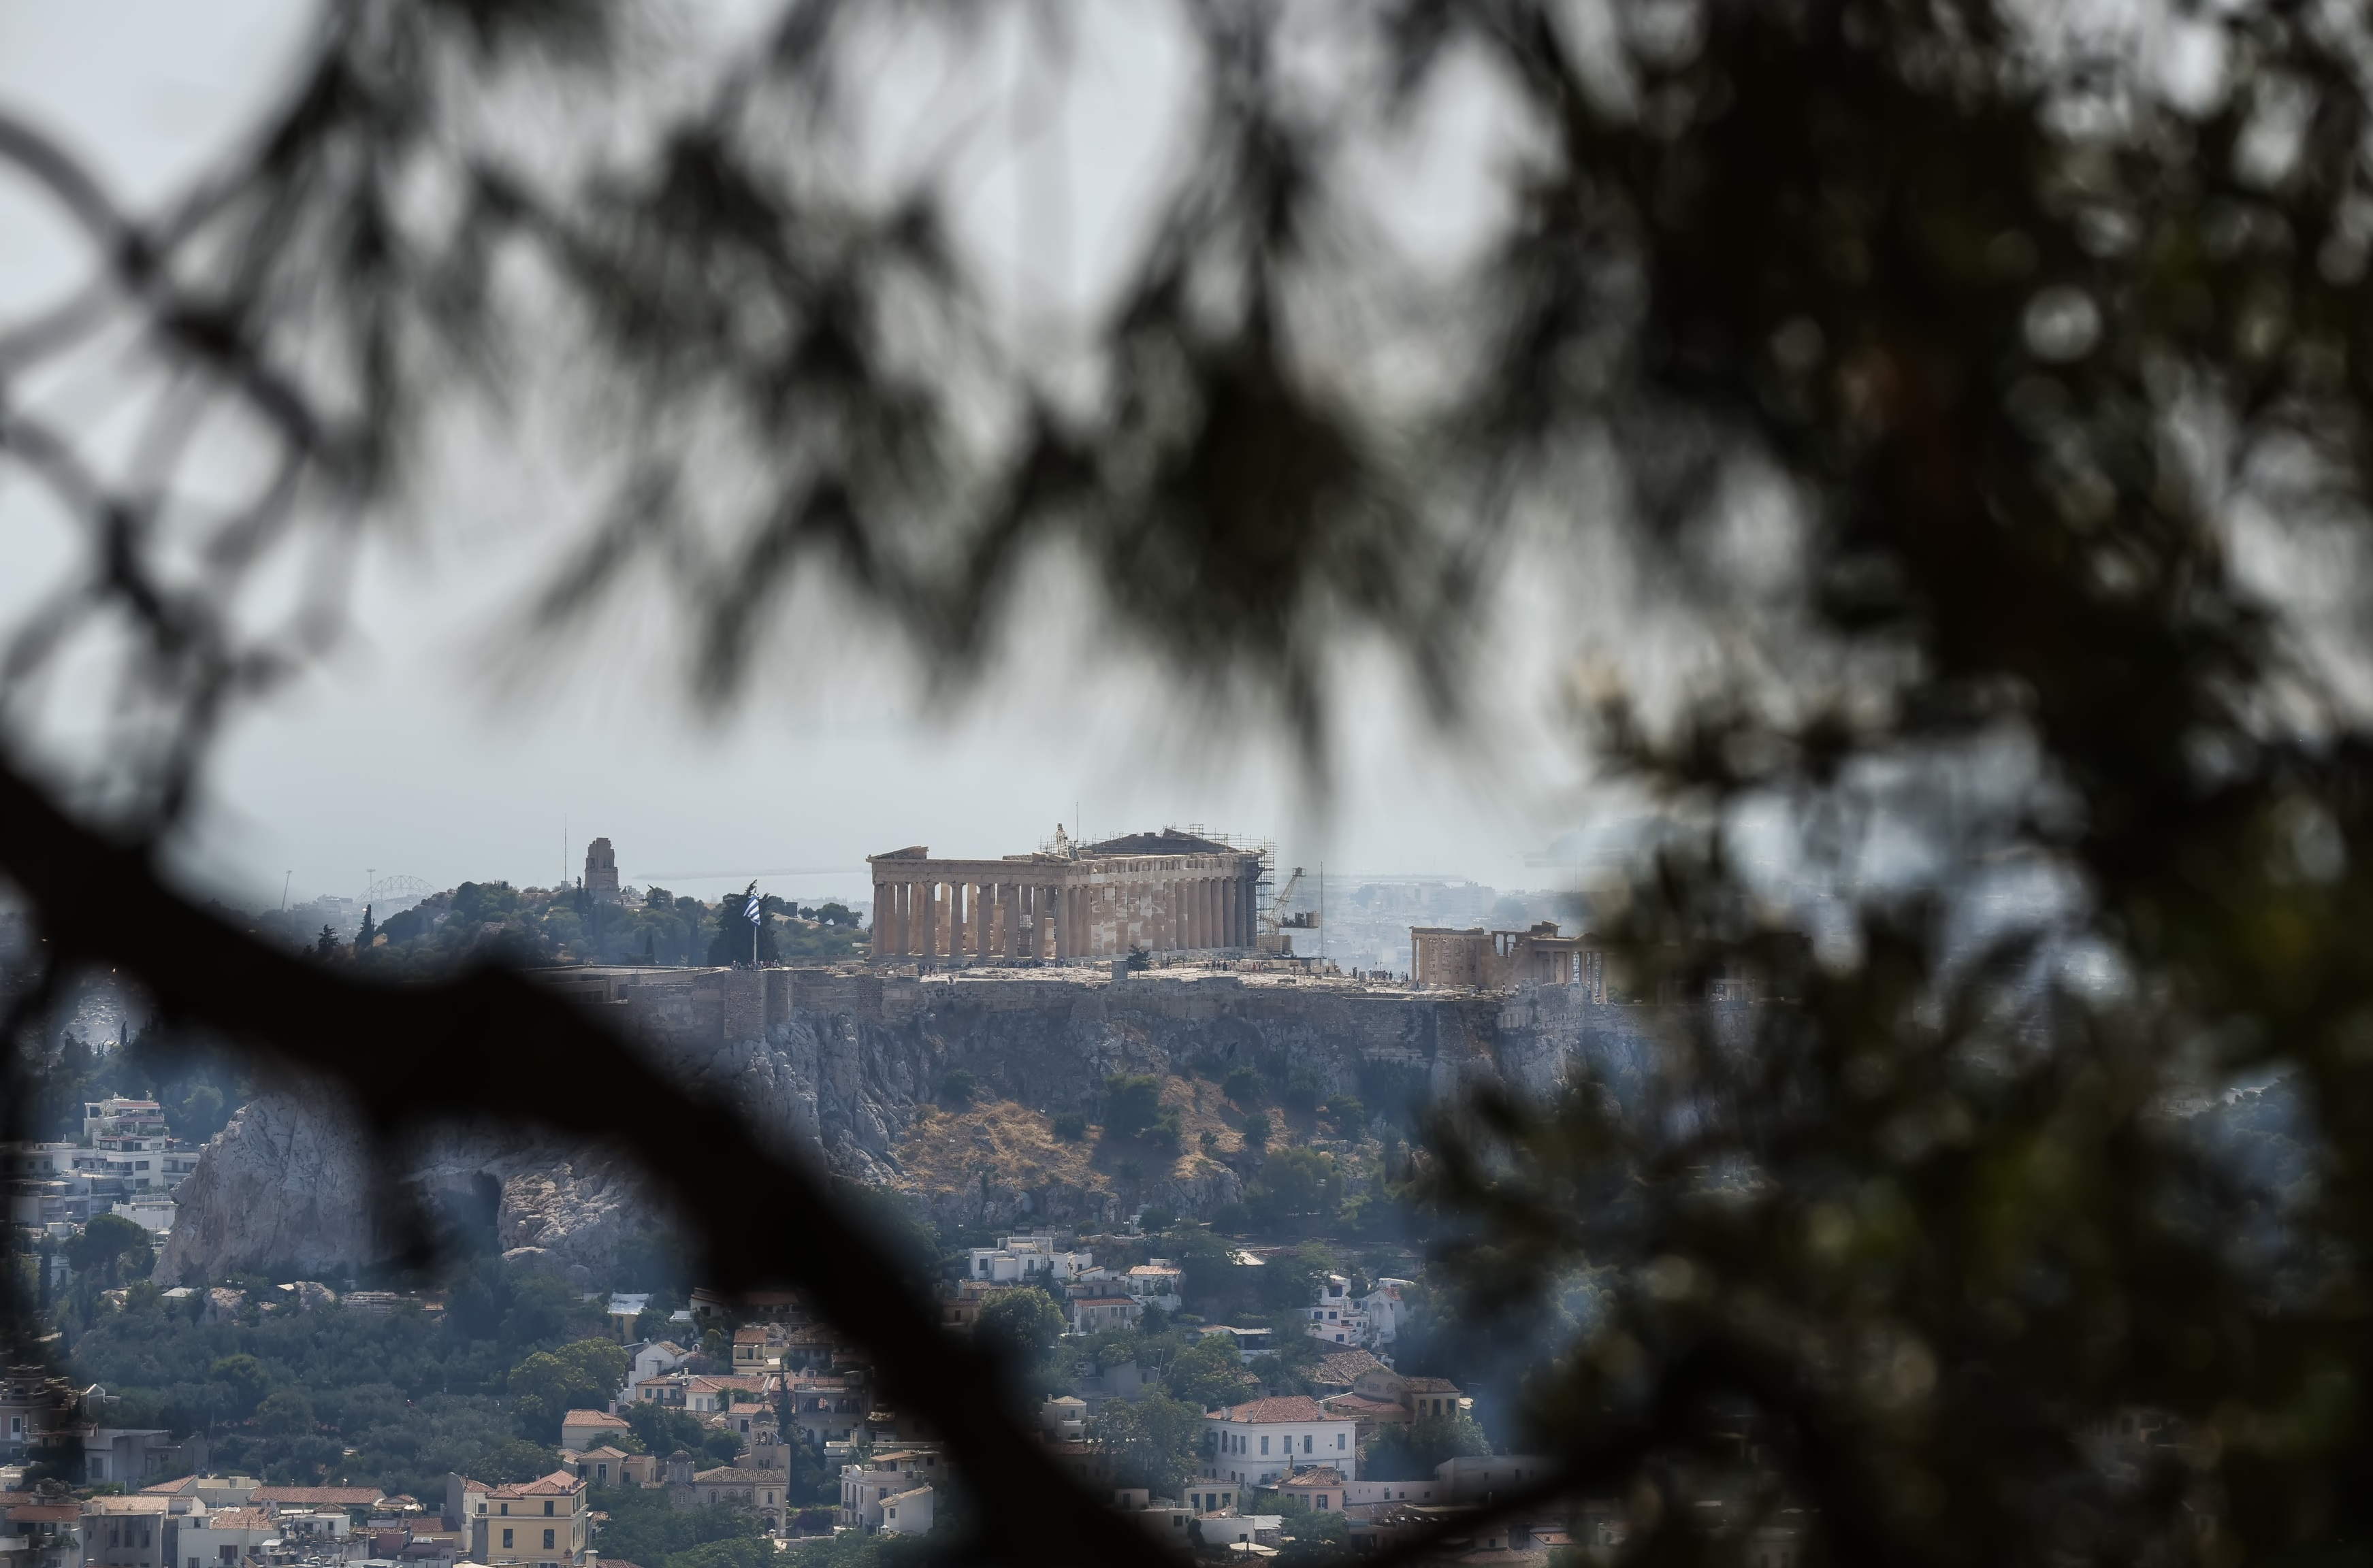 """""""Πρέπει να γίνει μεγάλη ελάφρυνση στο χρέος της Ελλάδας"""" - """"Να... τρέξει τις μεταρρυθμίσεις ο Μητσοτάκης""""!"""